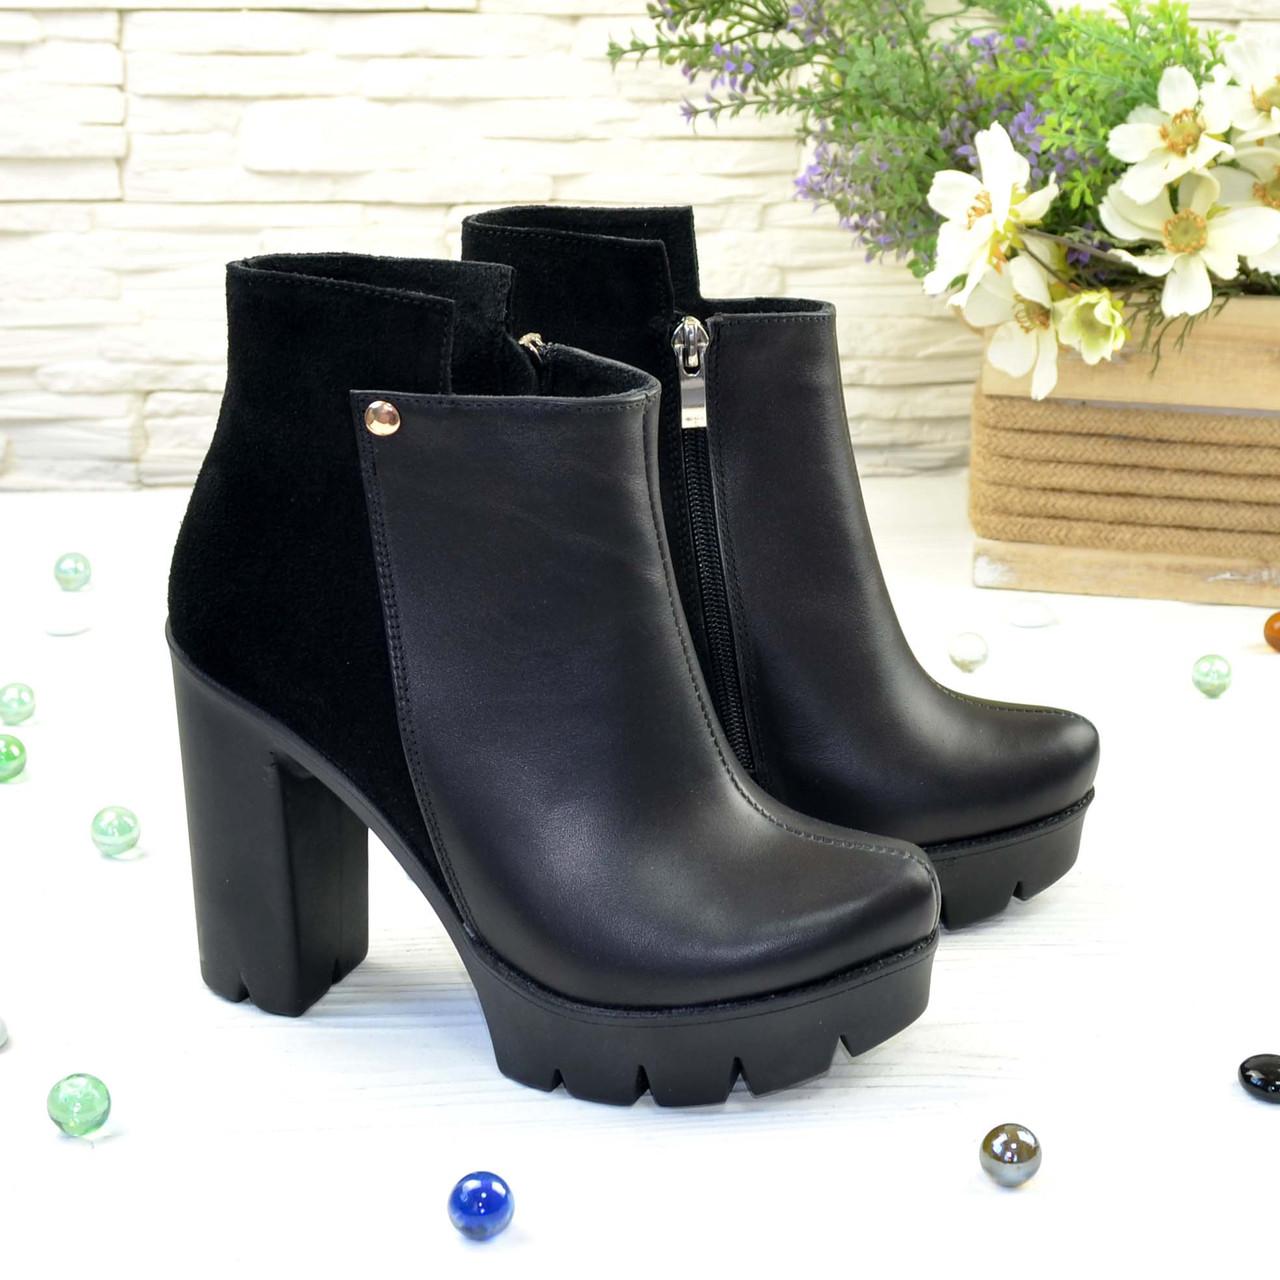 Ботинки женские черные на тракторной подошве, натуральная кожа, замш. Демисезон